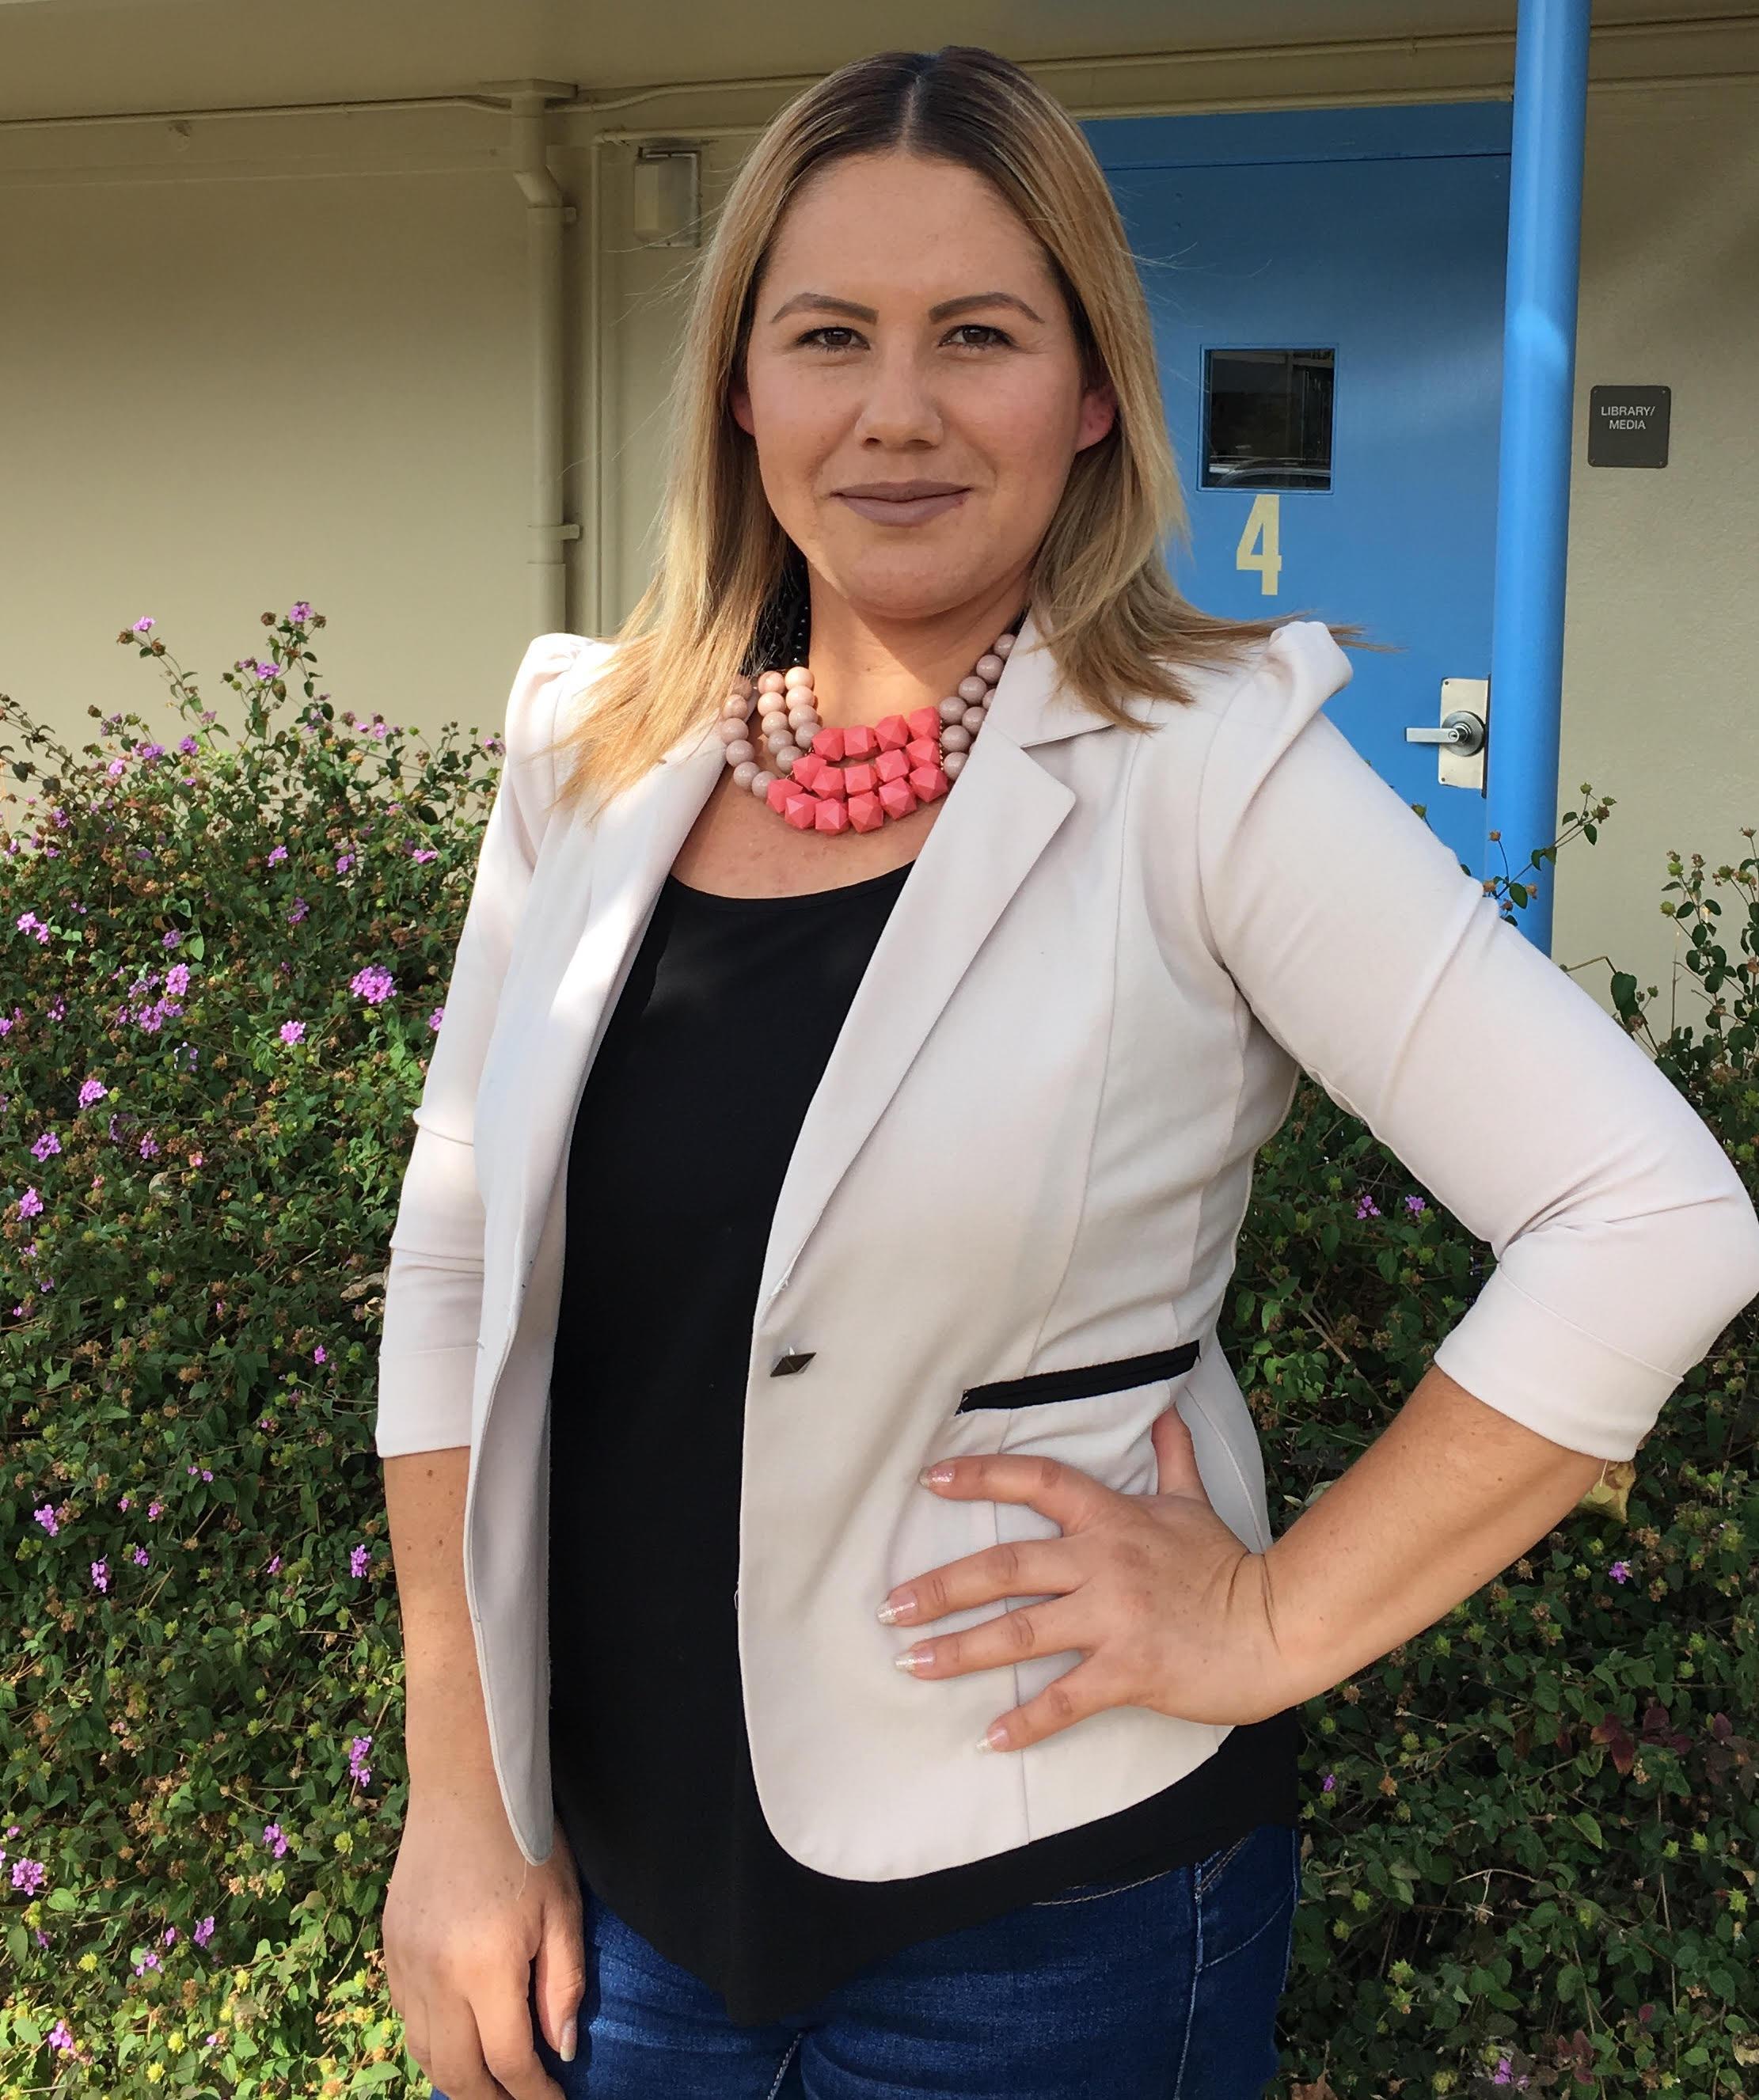 Carmen Martinez: Coordinadora en la escuela Phillips